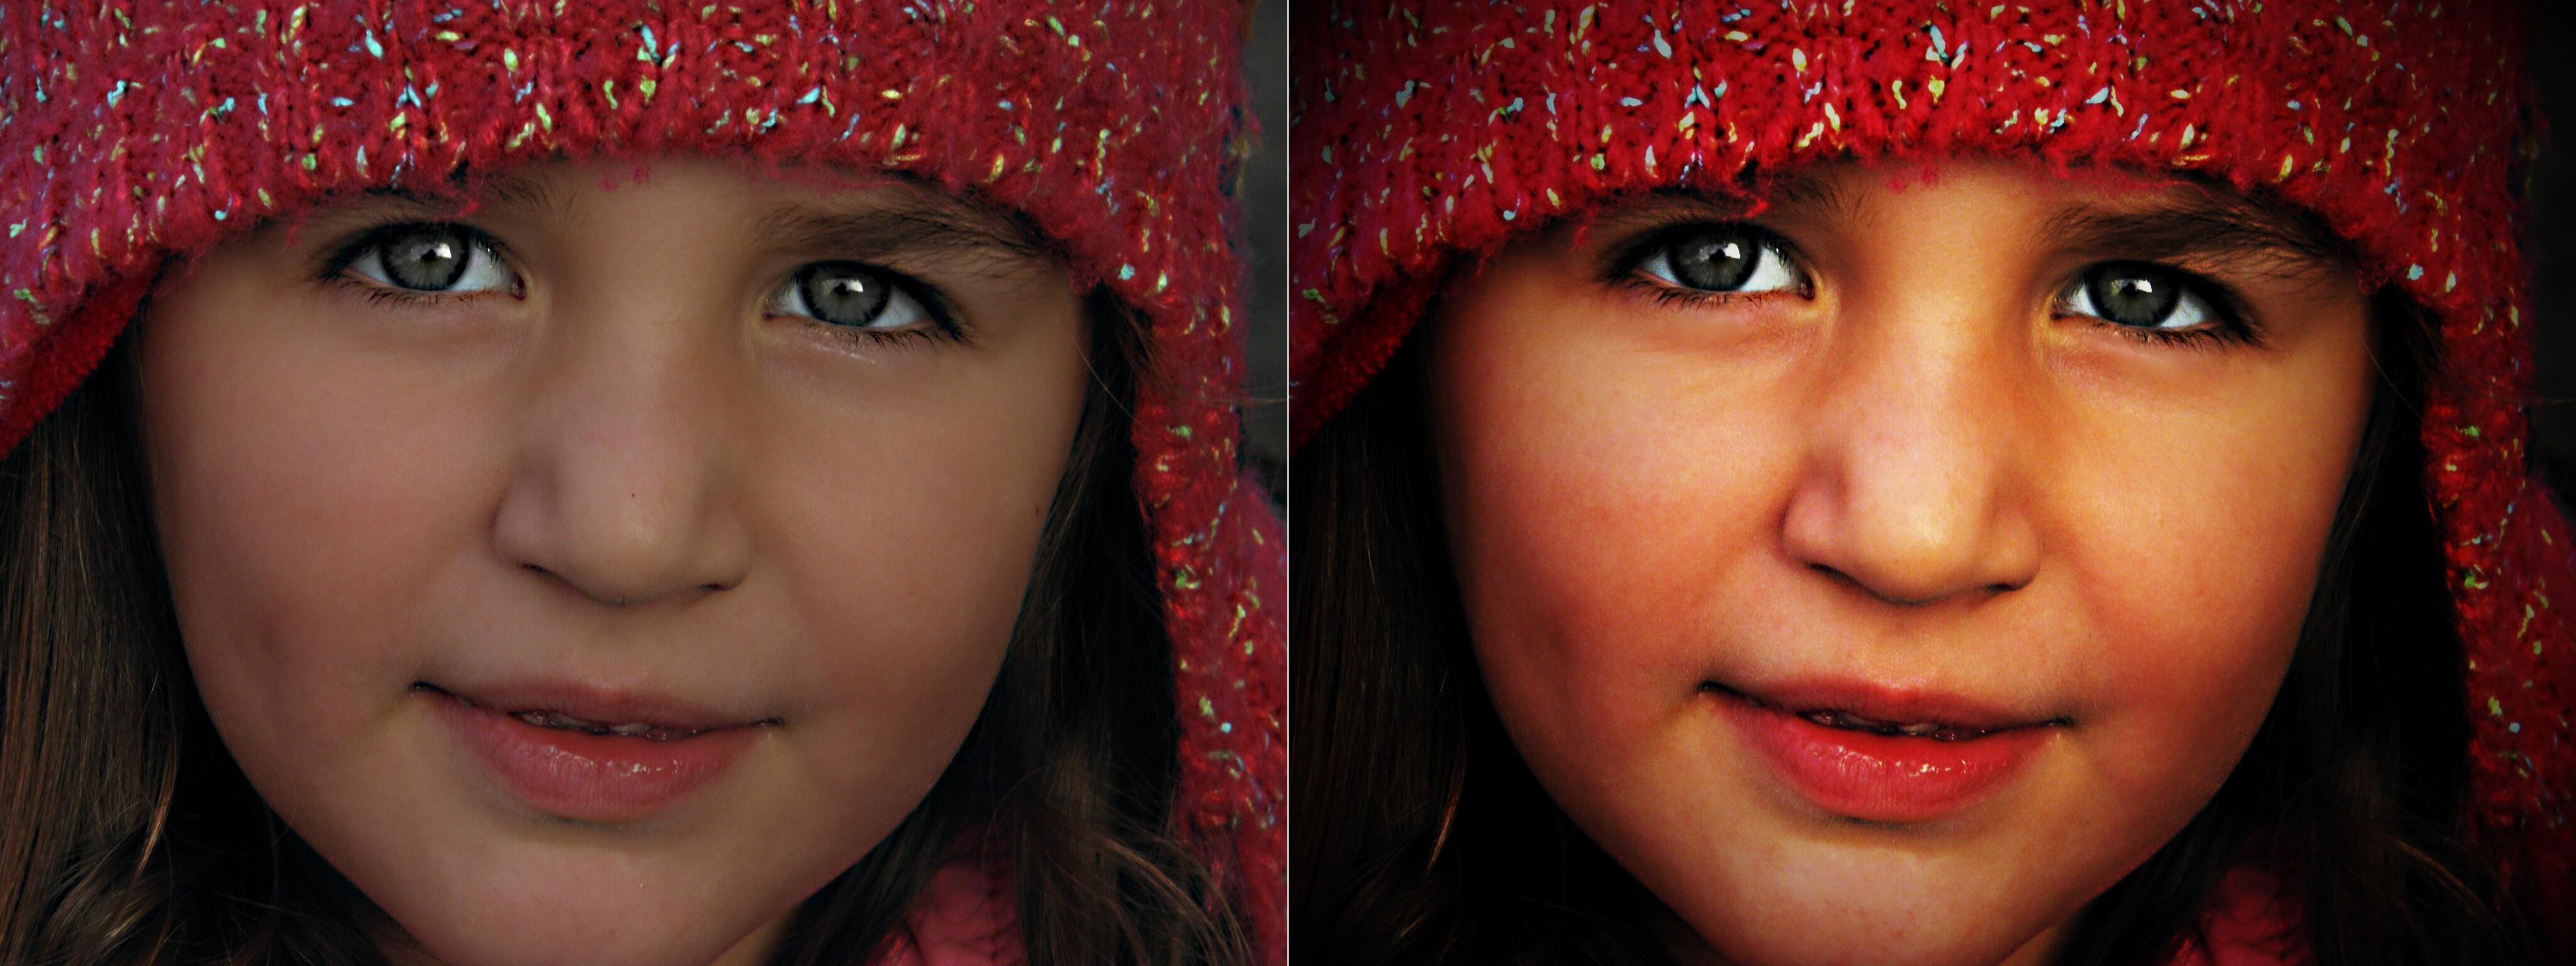 Vlevo původní, vpravo pak upravený snímek